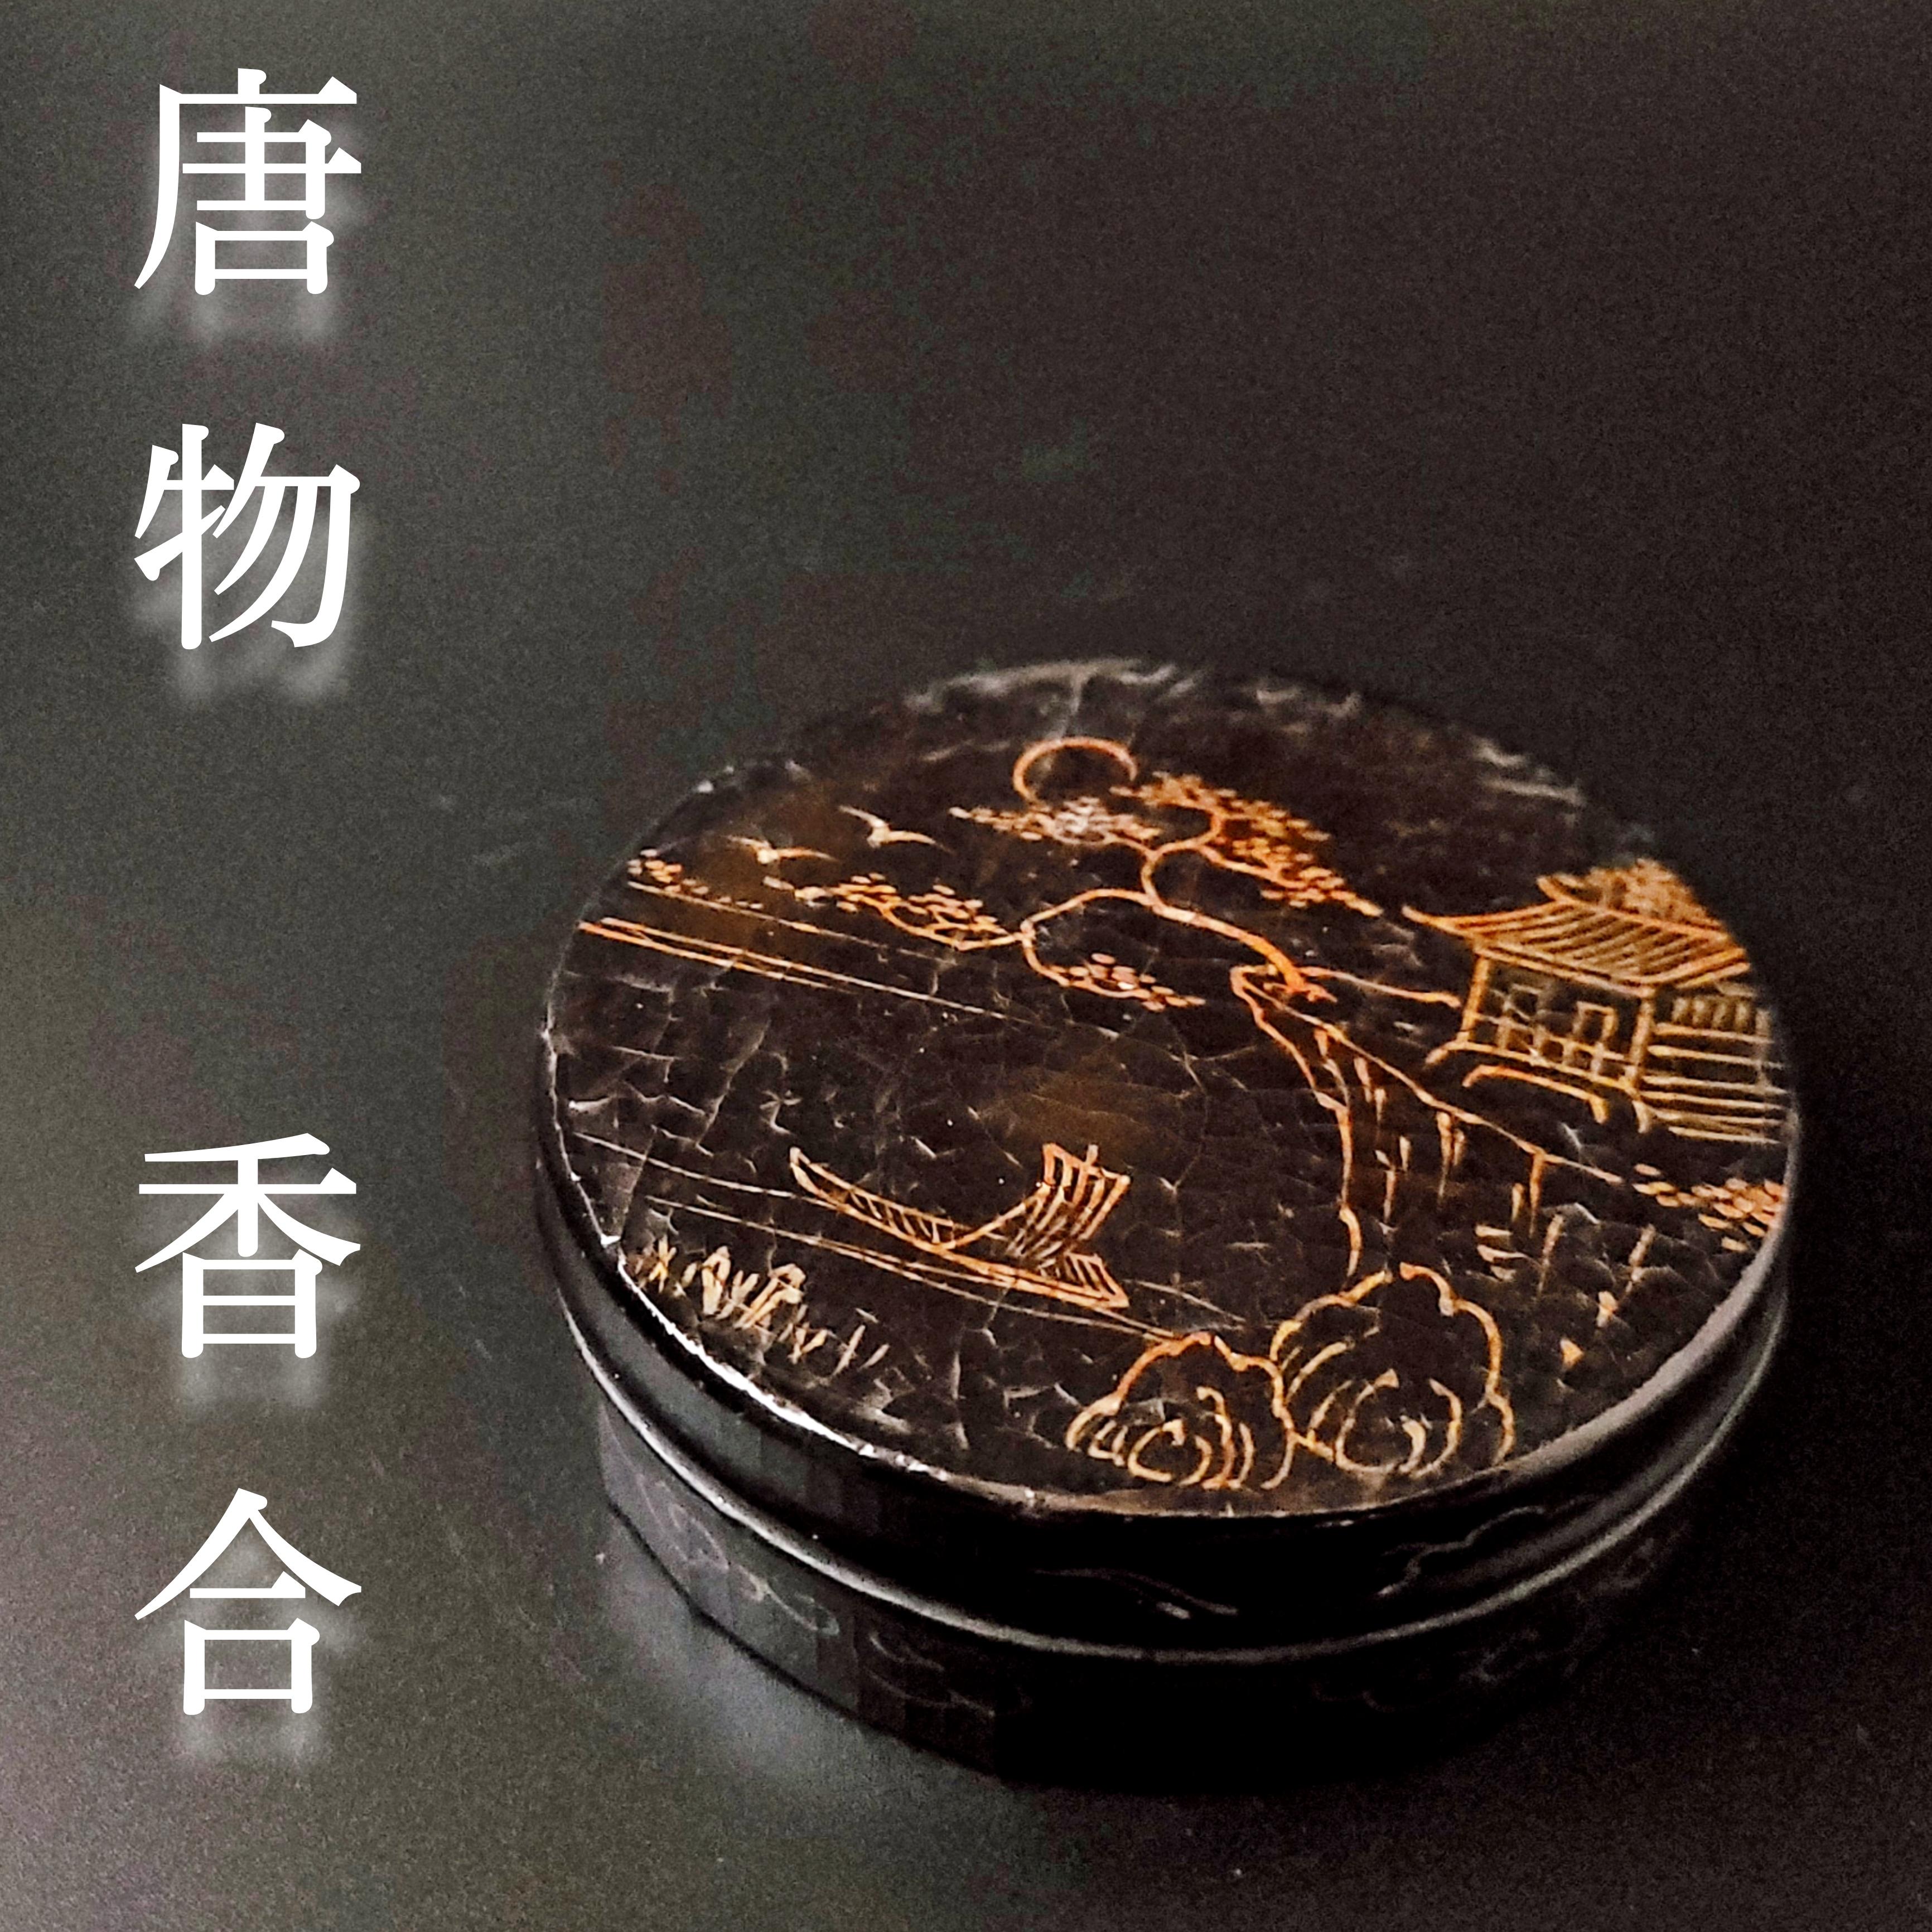 茶道具 唐物 山水図 一文字香合 明時代 アンティーク 骨董  美術品 中国古玩